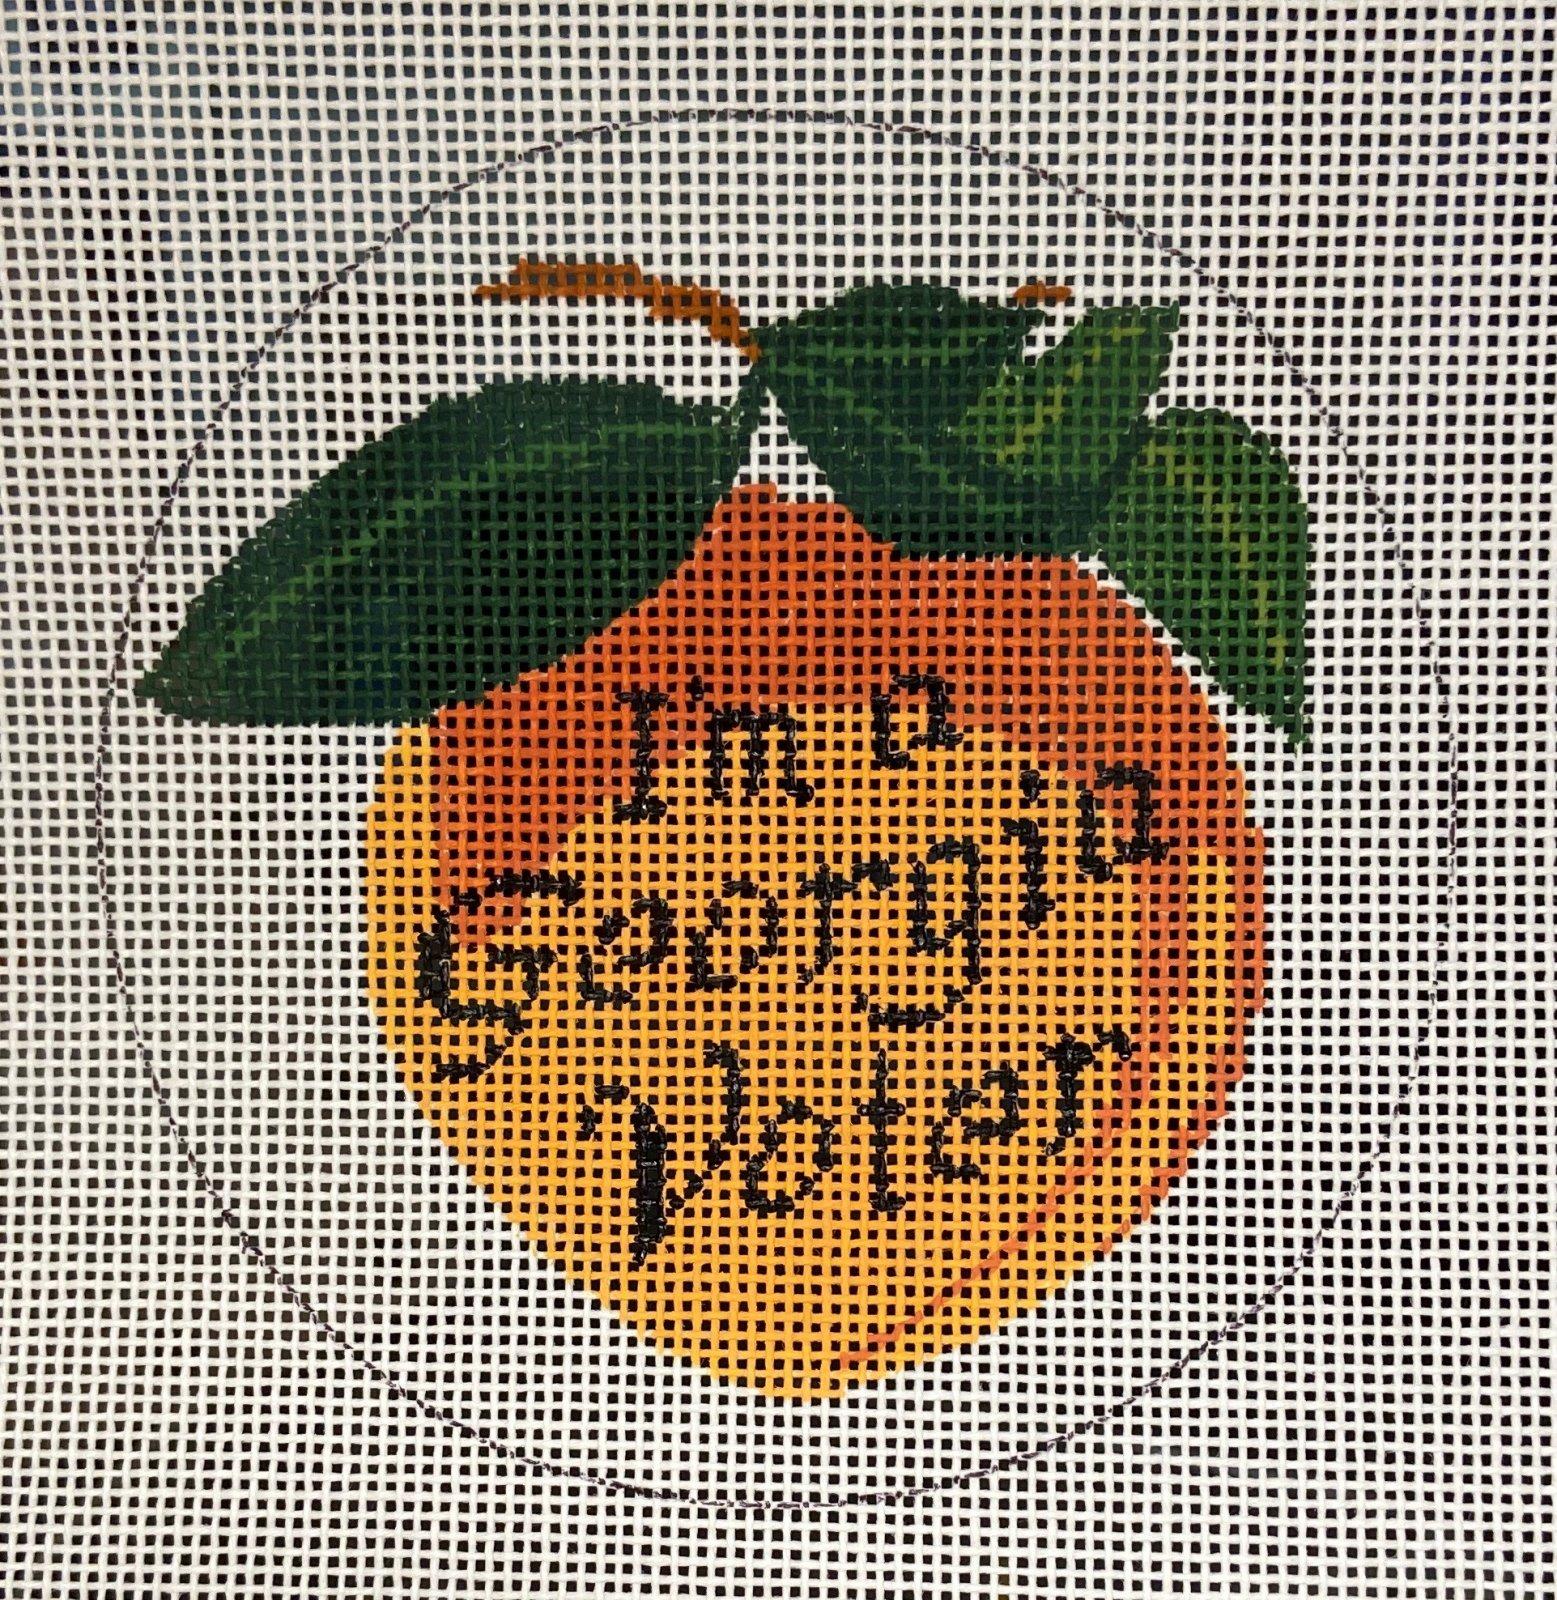 GA Voter Ornament